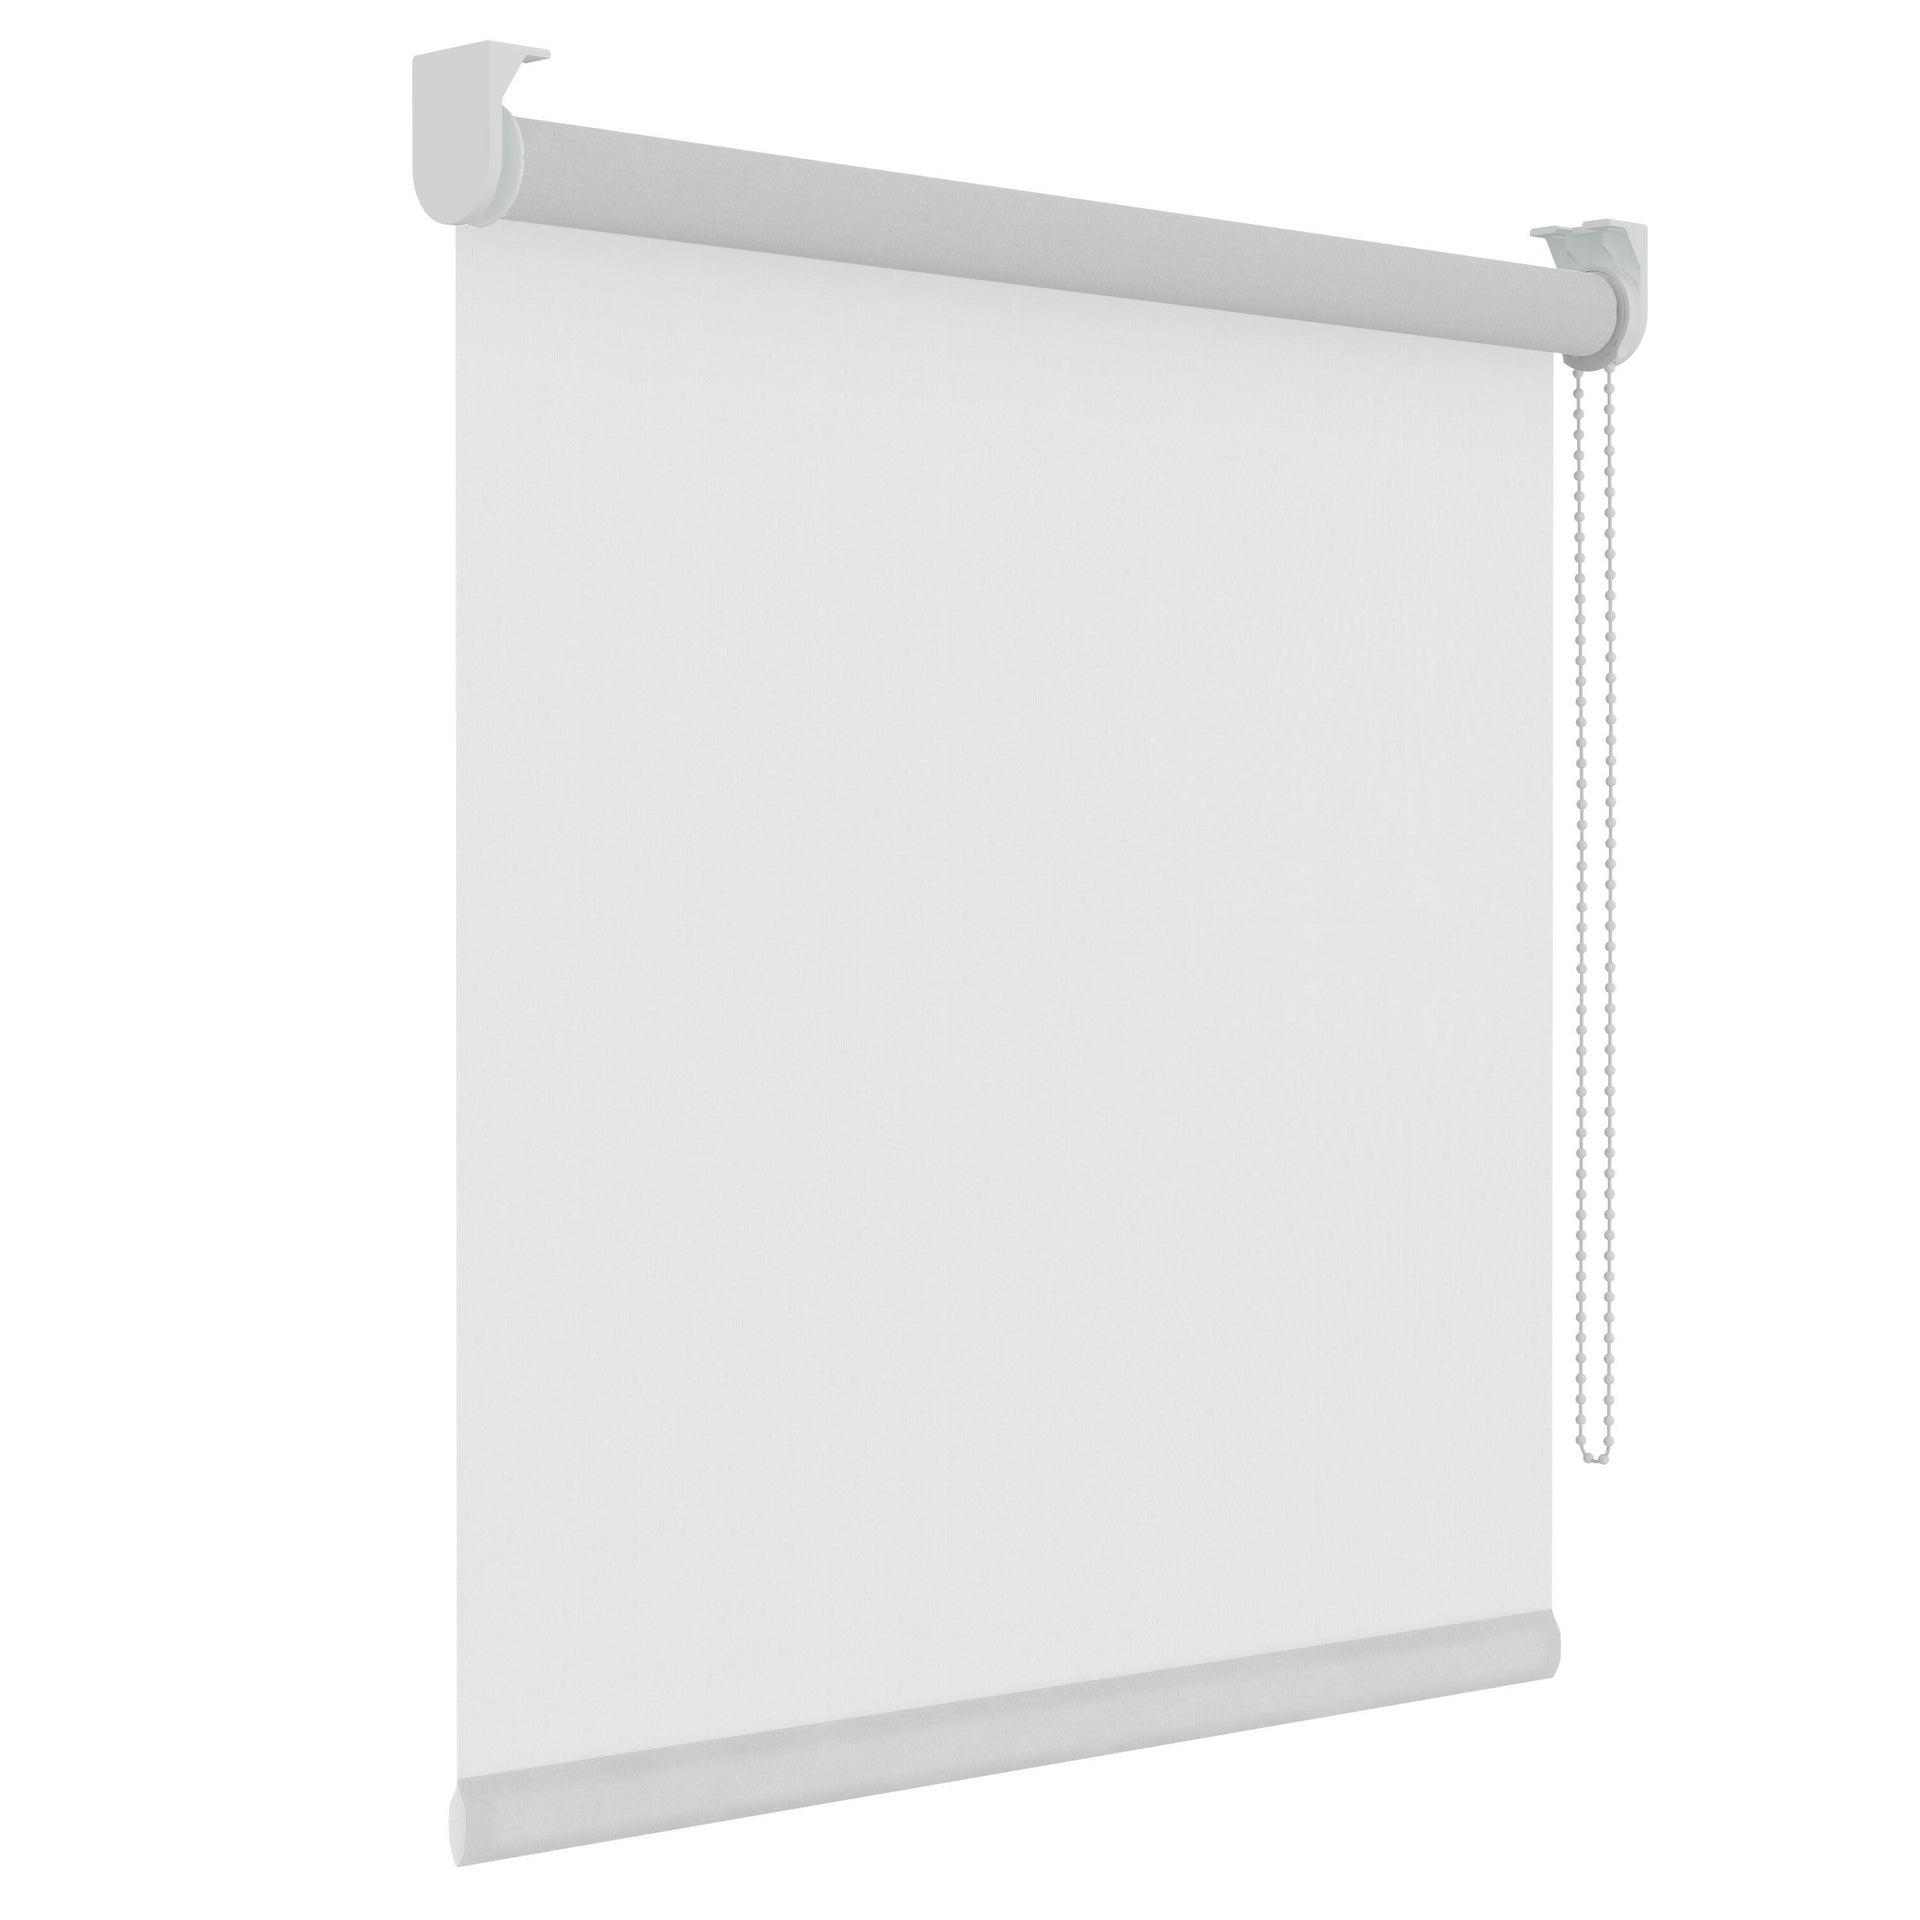 Tenda a rullo filtrante Amsterdam bianco 70 x 160 cm - 2